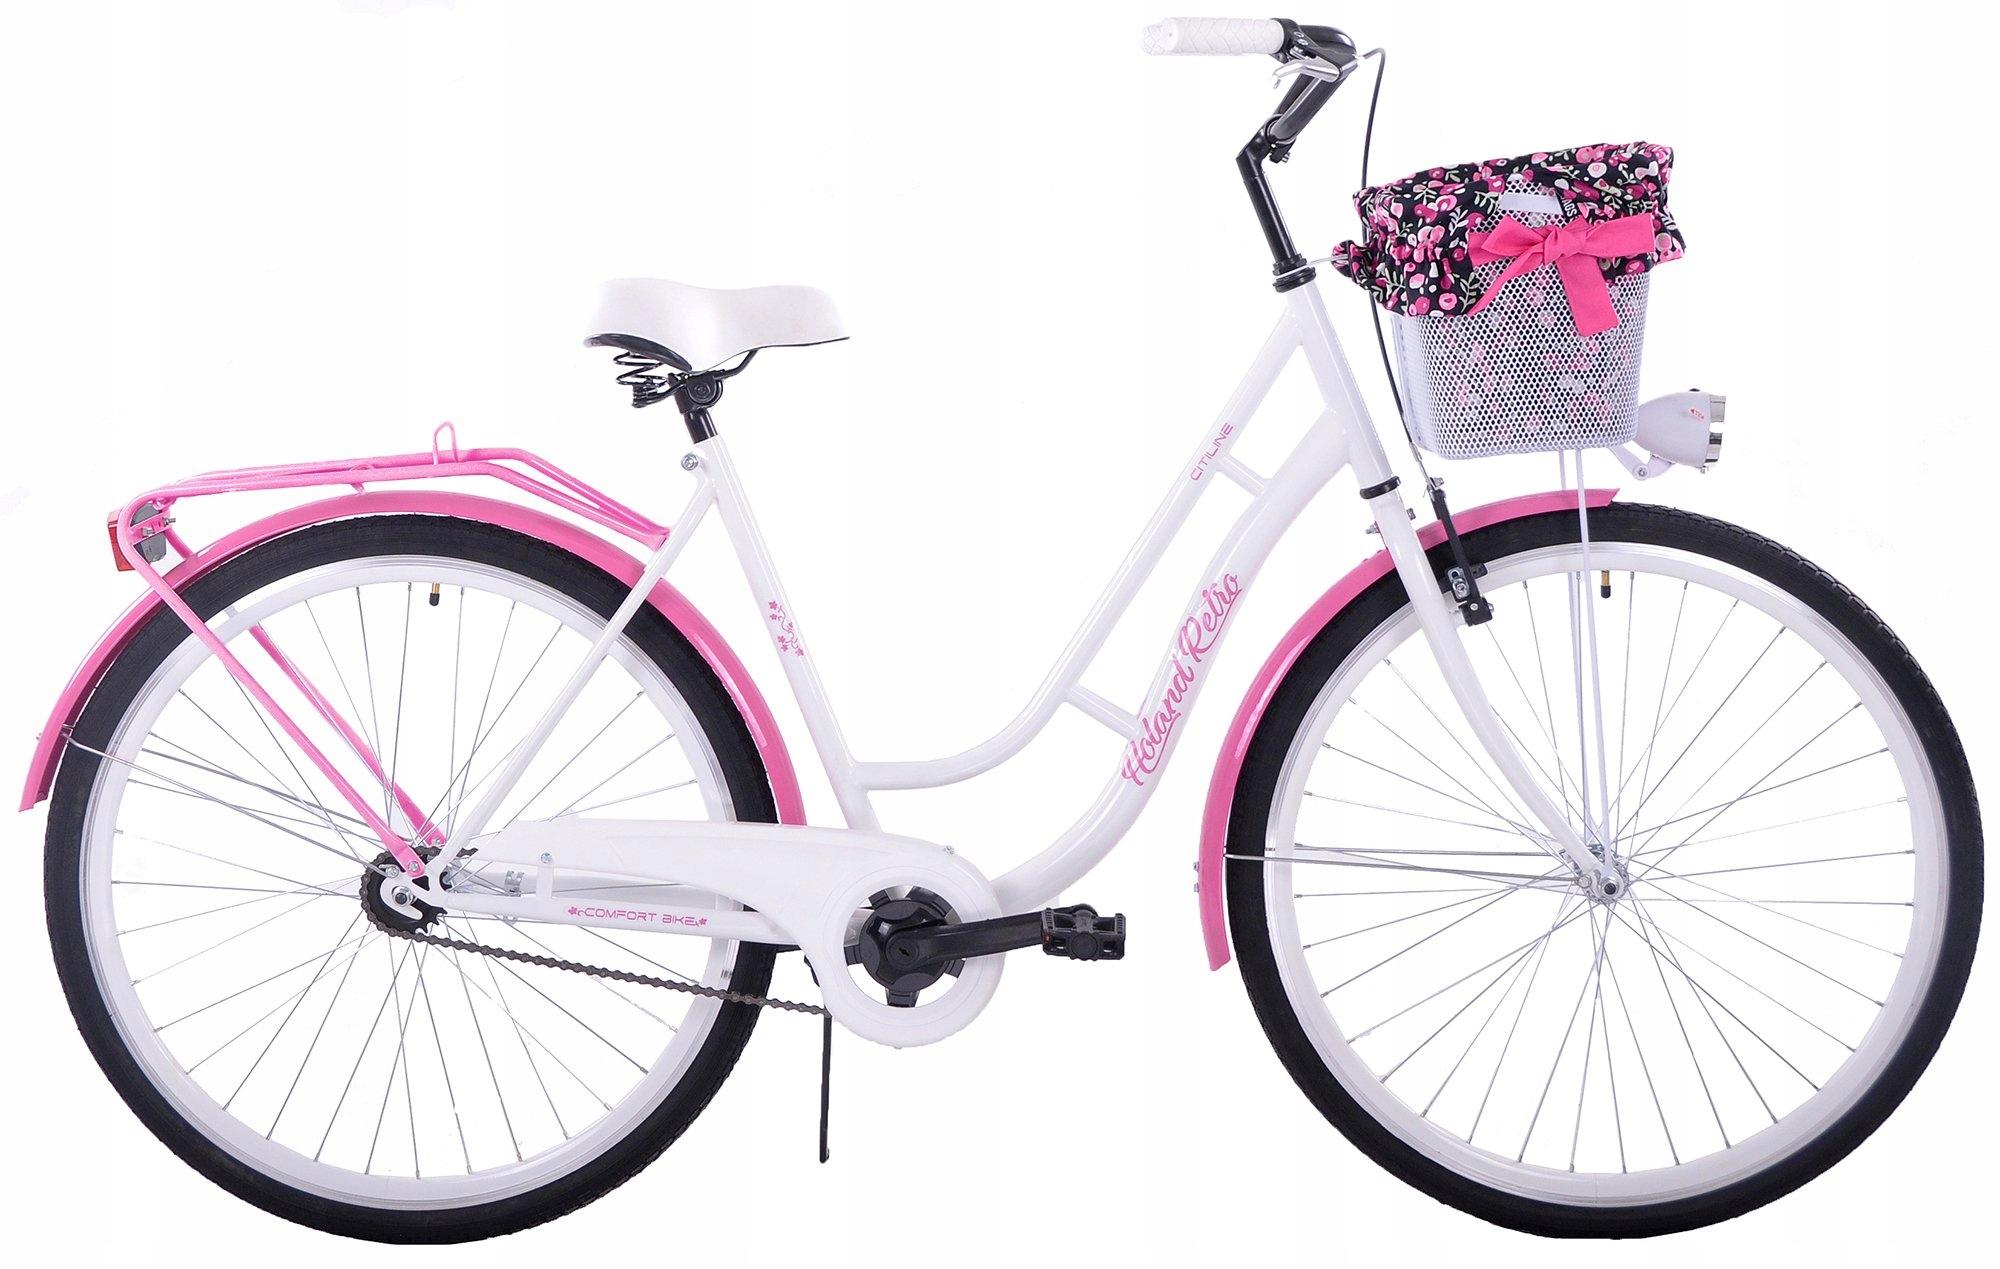 CITY BIKE 28 HOLANDSKO RETRO bielo-ružová + košík